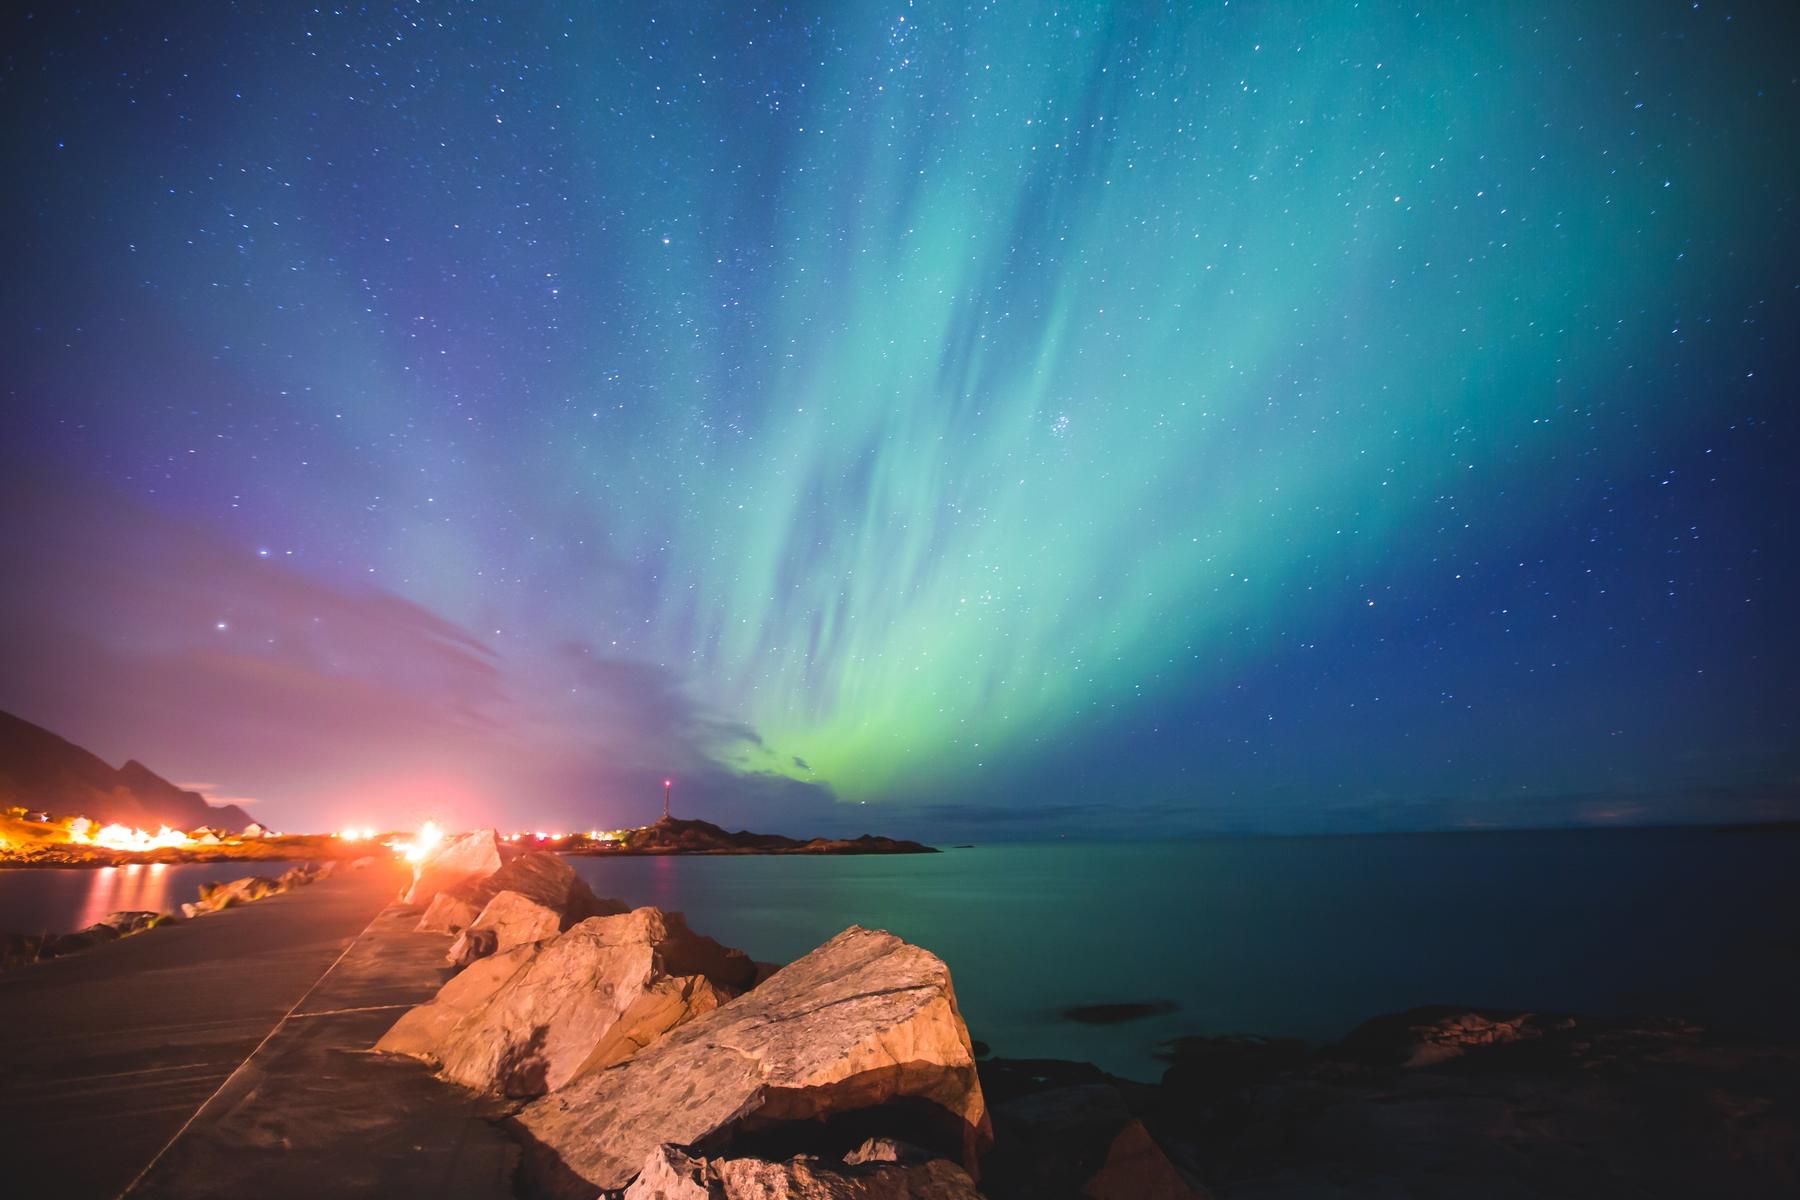 guia para ver la aurora boreal en tromso, que ropa llevar para ver la aurora boreal, donde ver la aurora boreal, luces del norte en tromso, tromso noruega, aurora boreal tromso, camara fotos aurora boreal